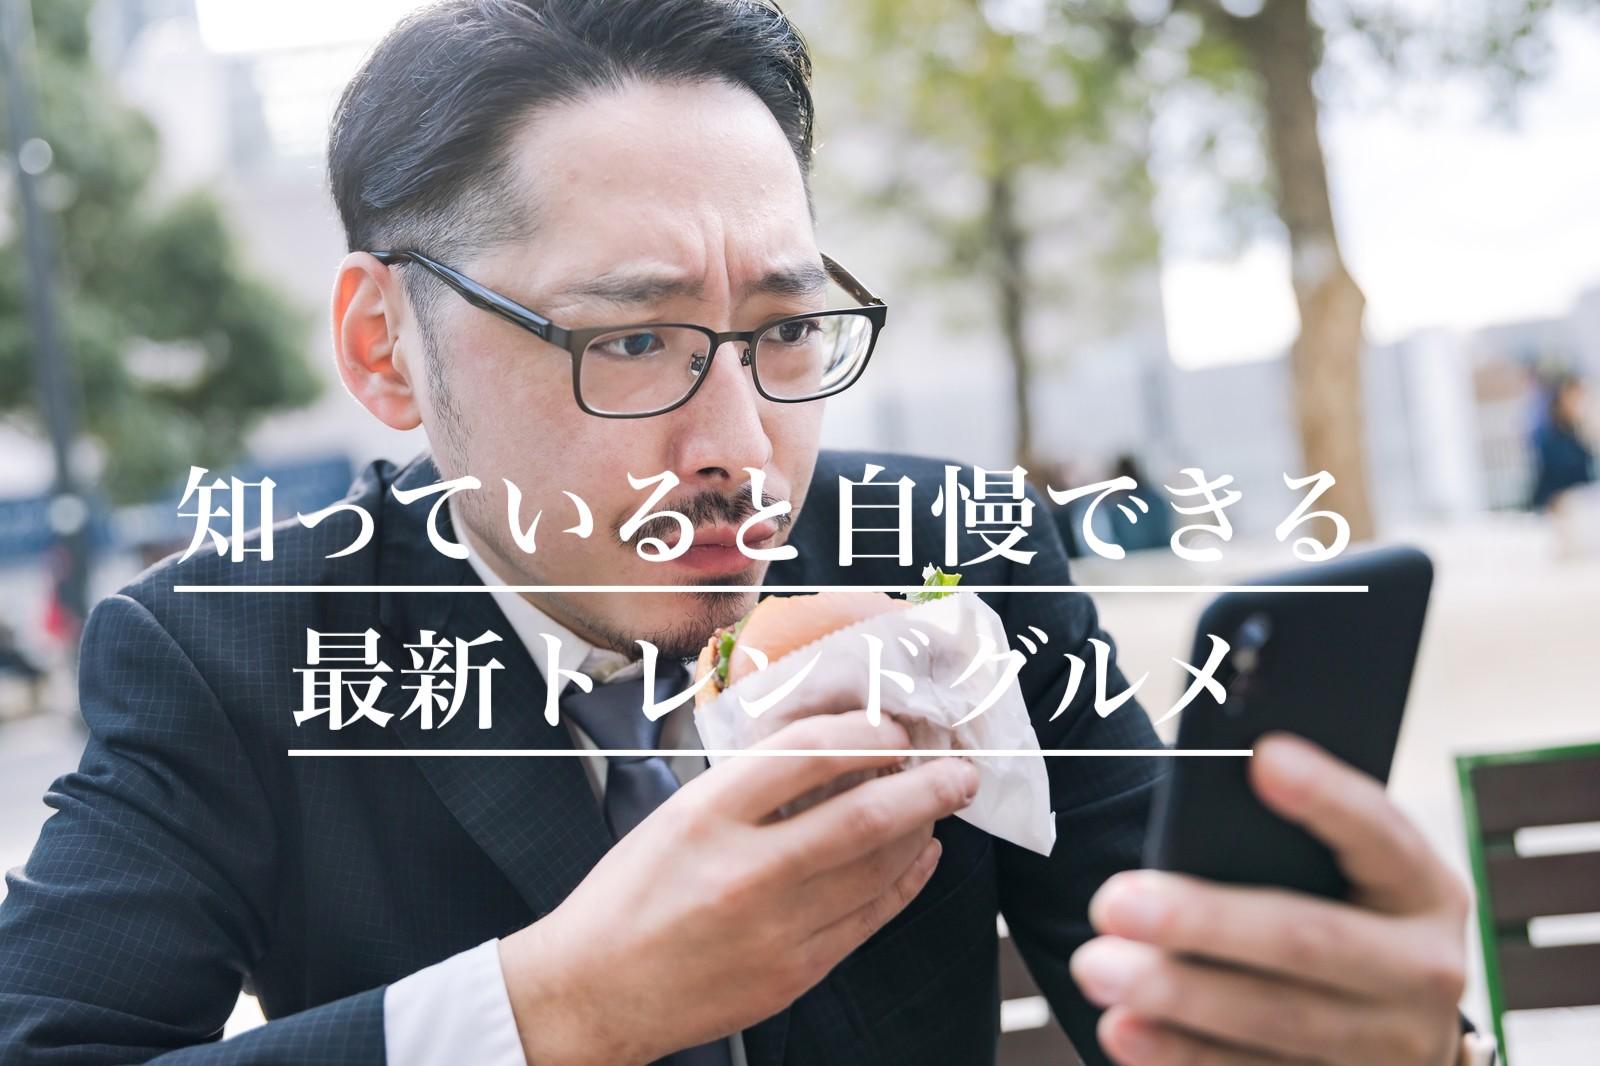 キャンピングカー|レンタル|新宿|池袋|渋谷|代官山|グルメ